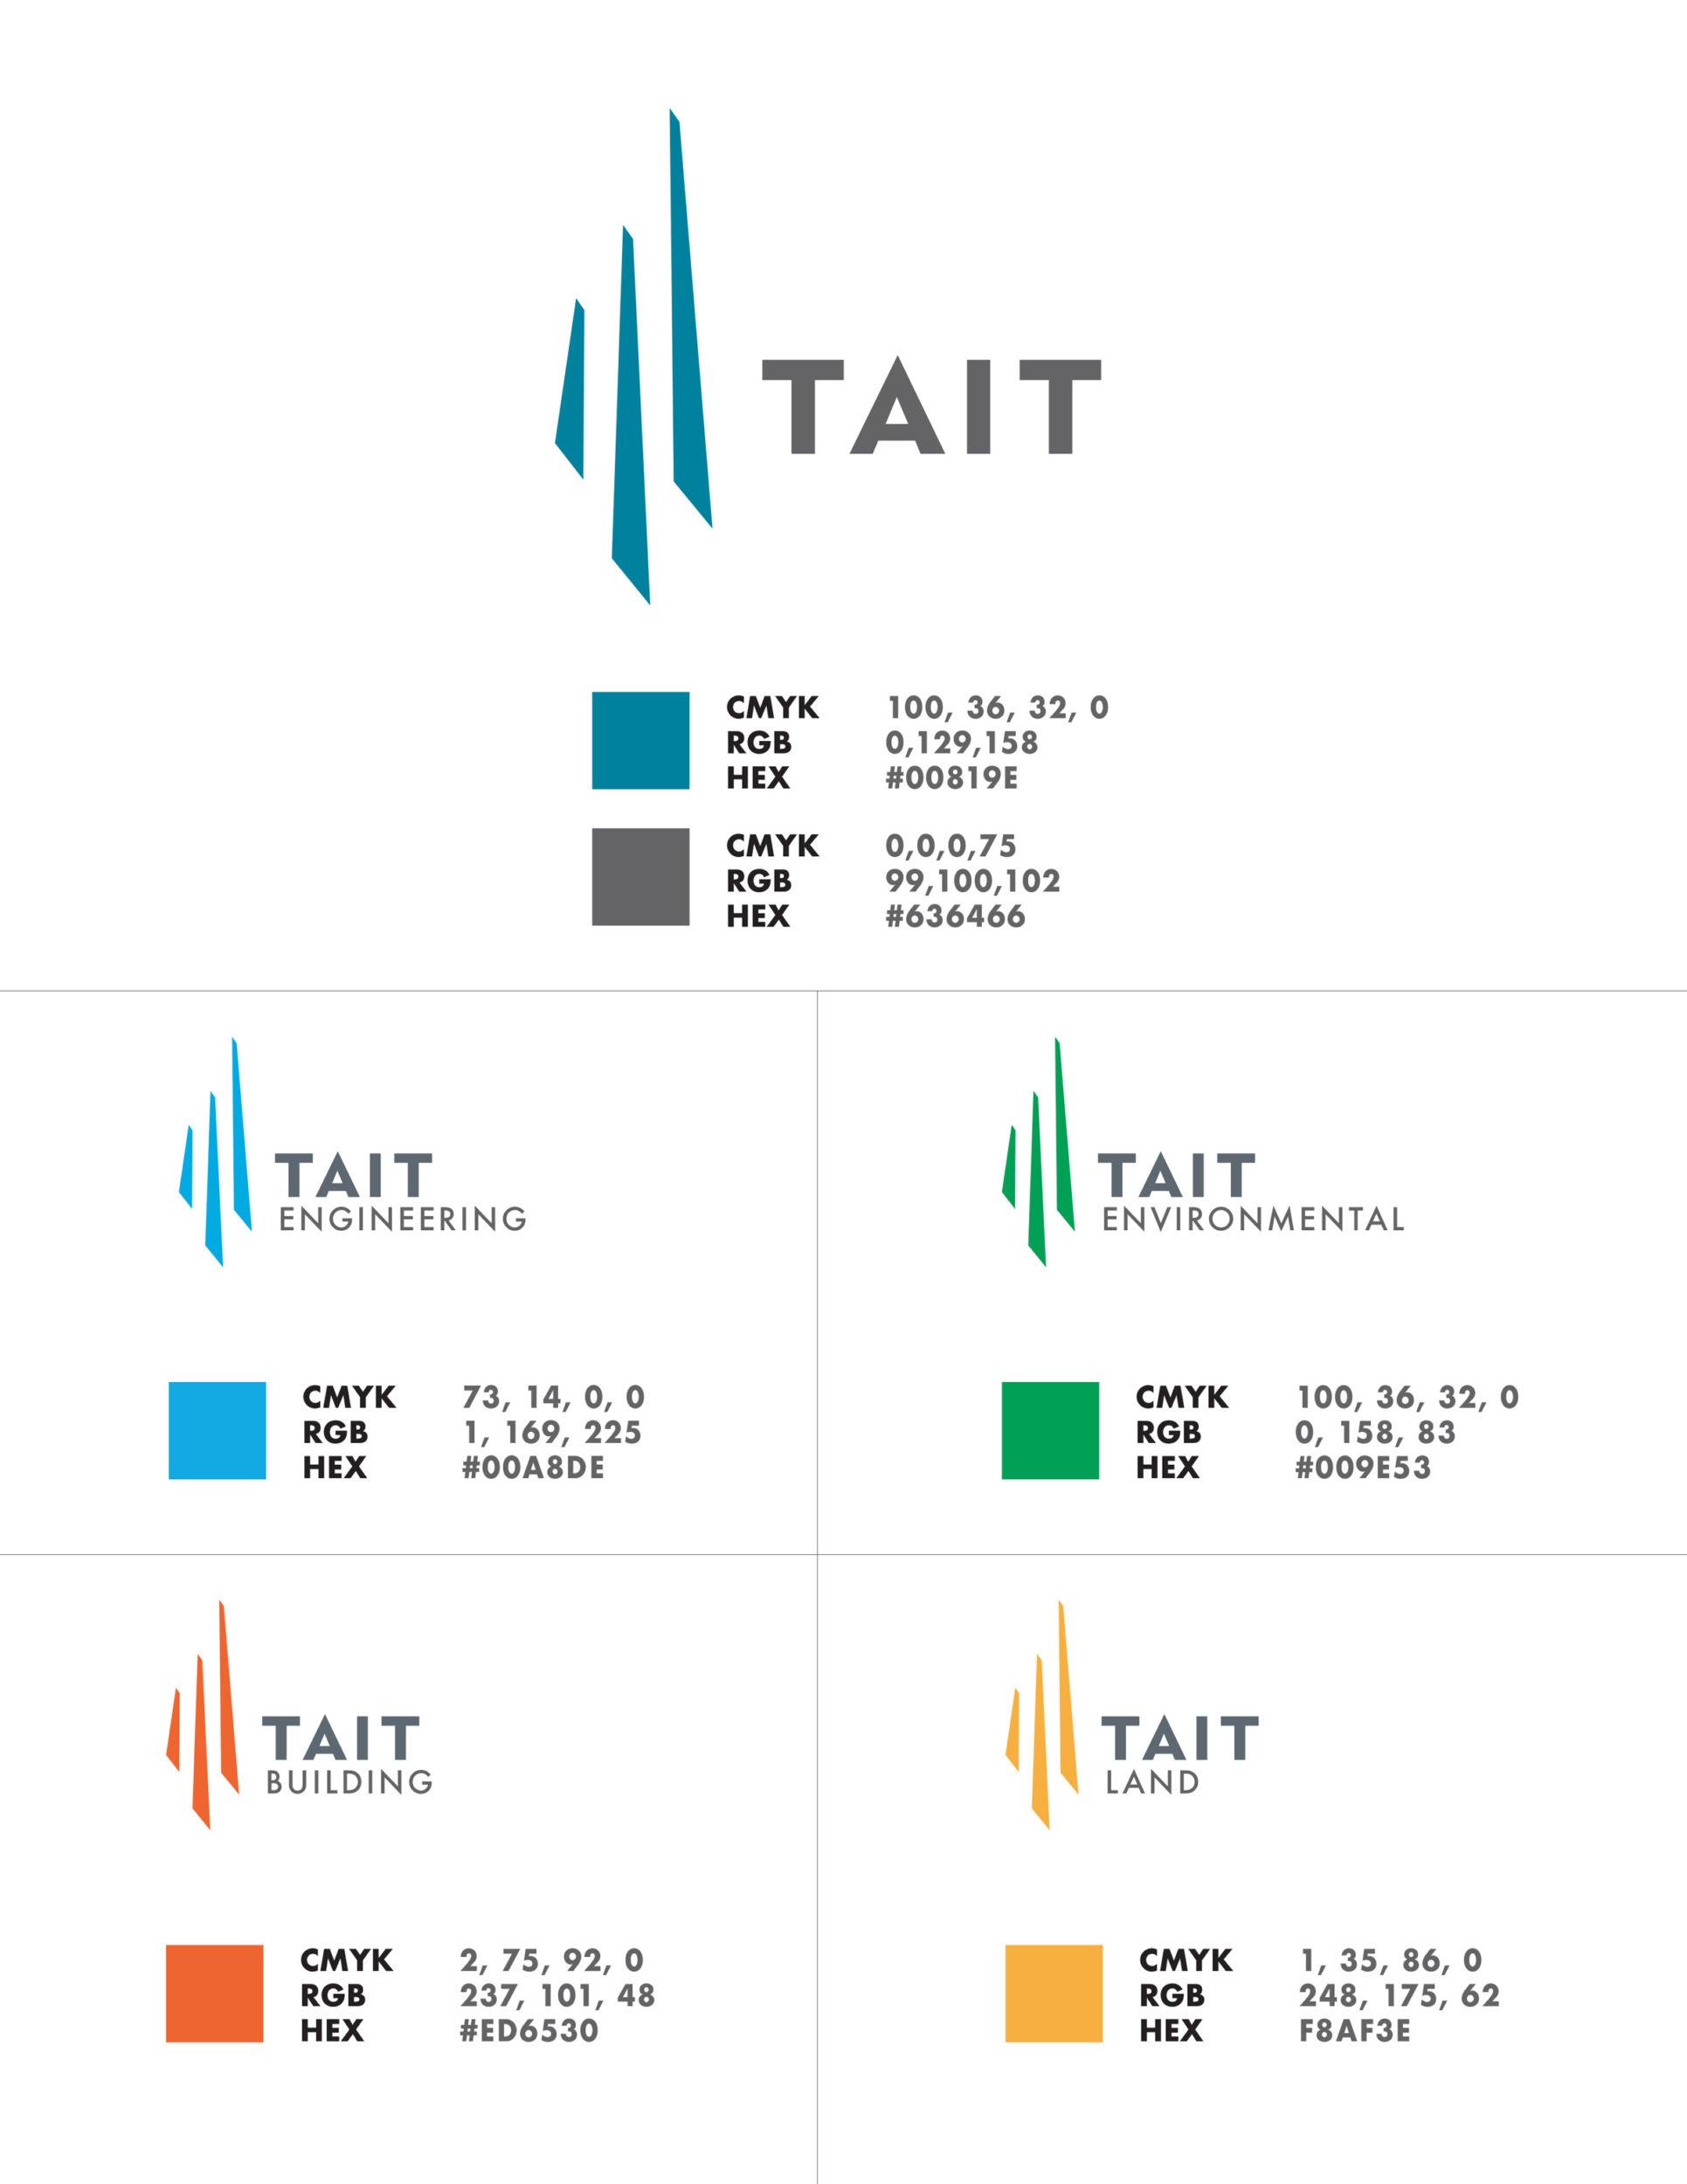 tait color codes